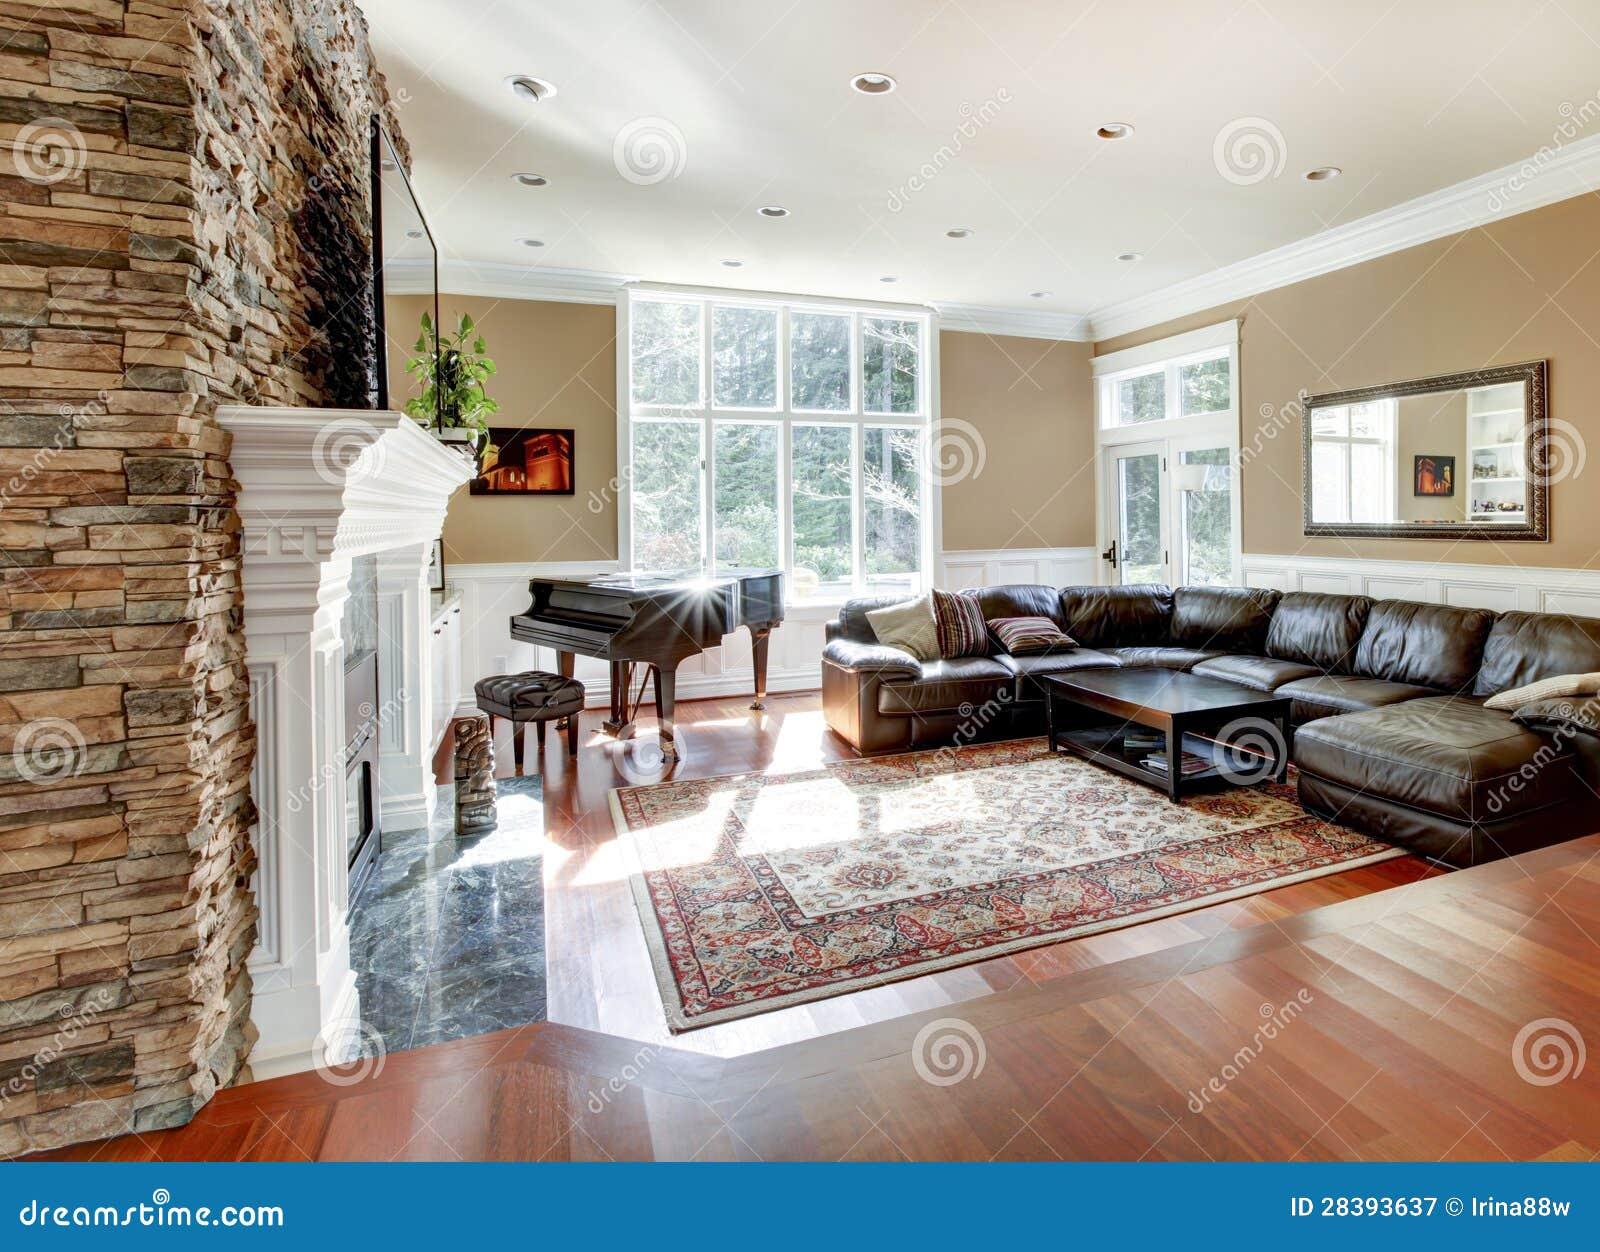 salon de luxe lumineux avec le bois dur de chemin e en pierre et de cerise image stock image. Black Bedroom Furniture Sets. Home Design Ideas